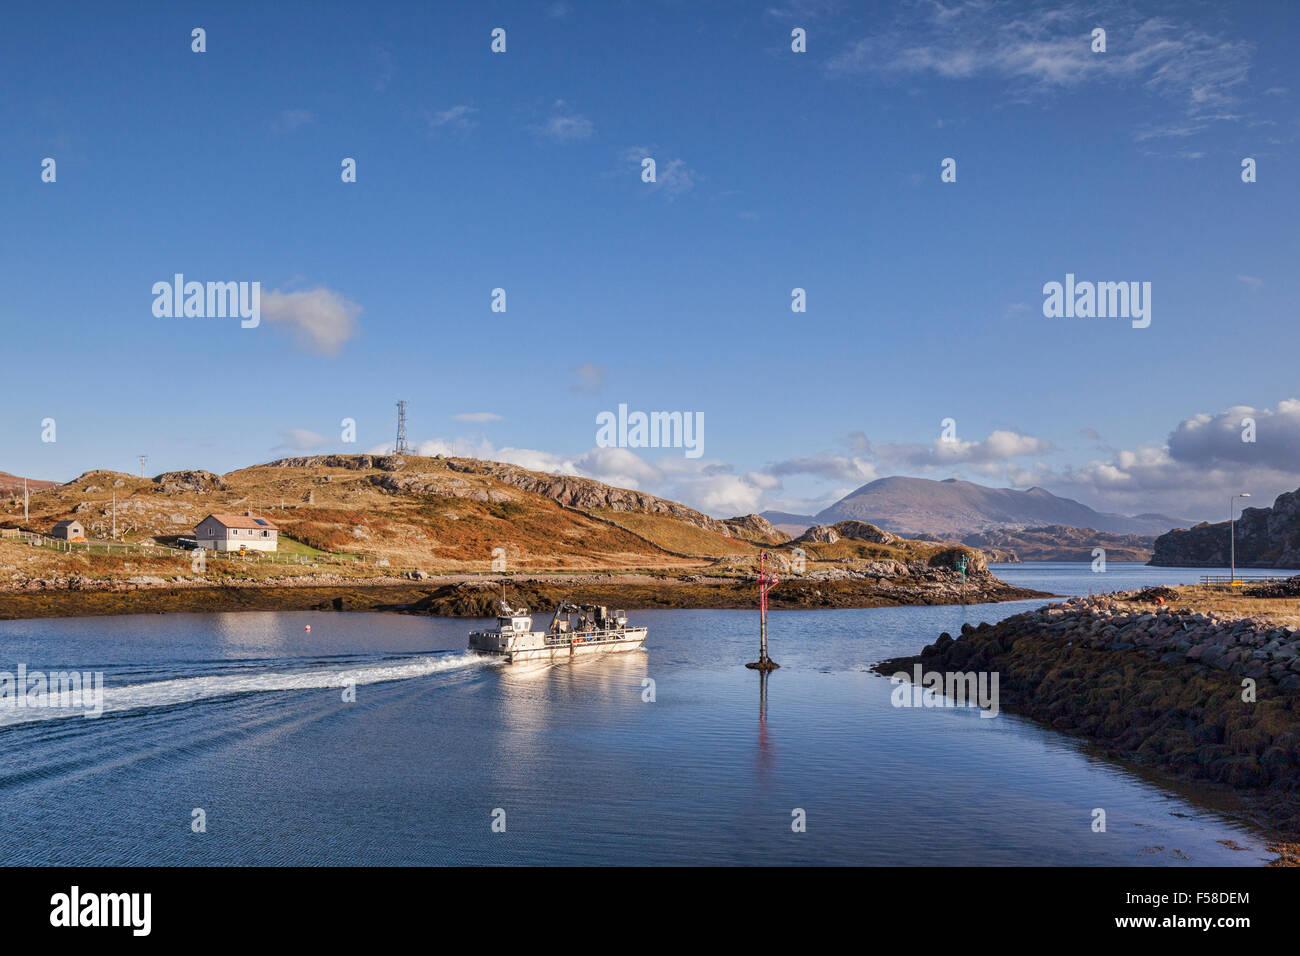 Peschereccio che lascia il porto di Kinlochbervie, di un porto di pesca in Sutherland, Scotland, Regno Unito. Foto Stock